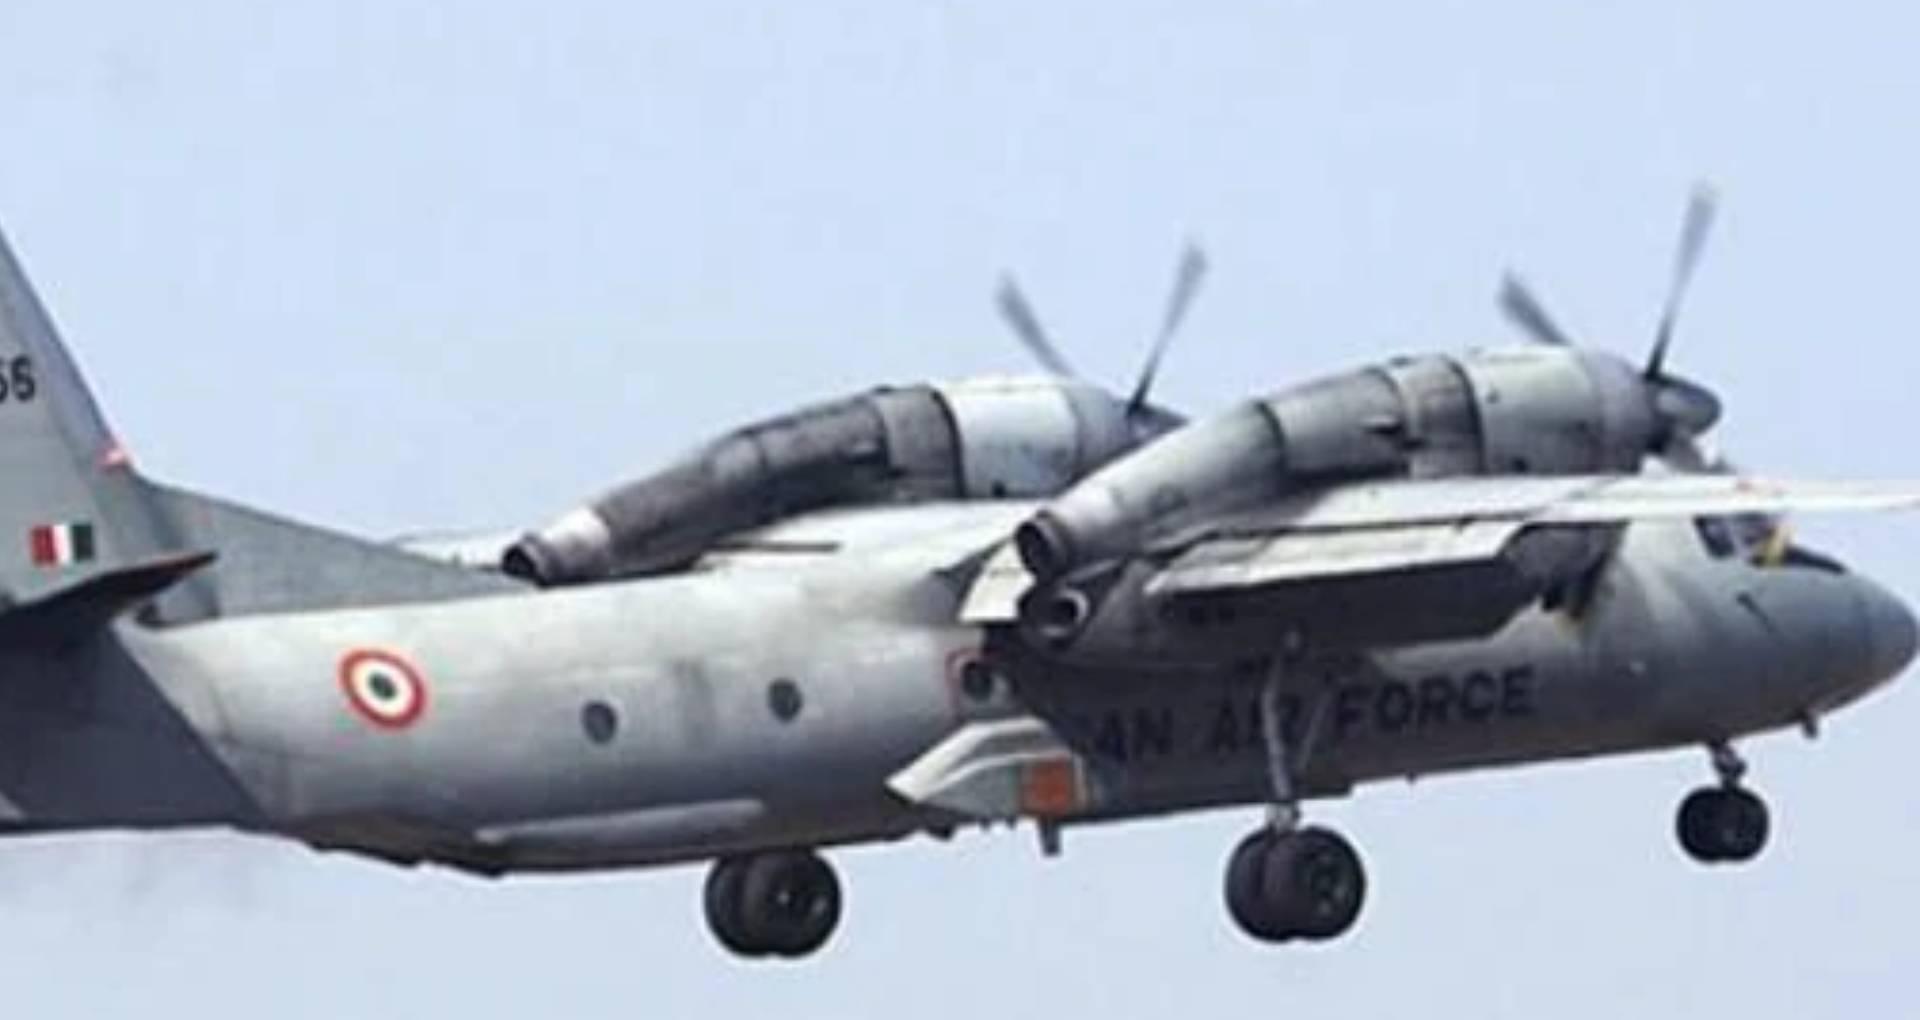 भारतीय वायुसेना का AN-32 विमान हुआ लापता, 8 क्रू मेंबर सहित 13 यात्री लापता, सर्च ऑपरेशन जारी